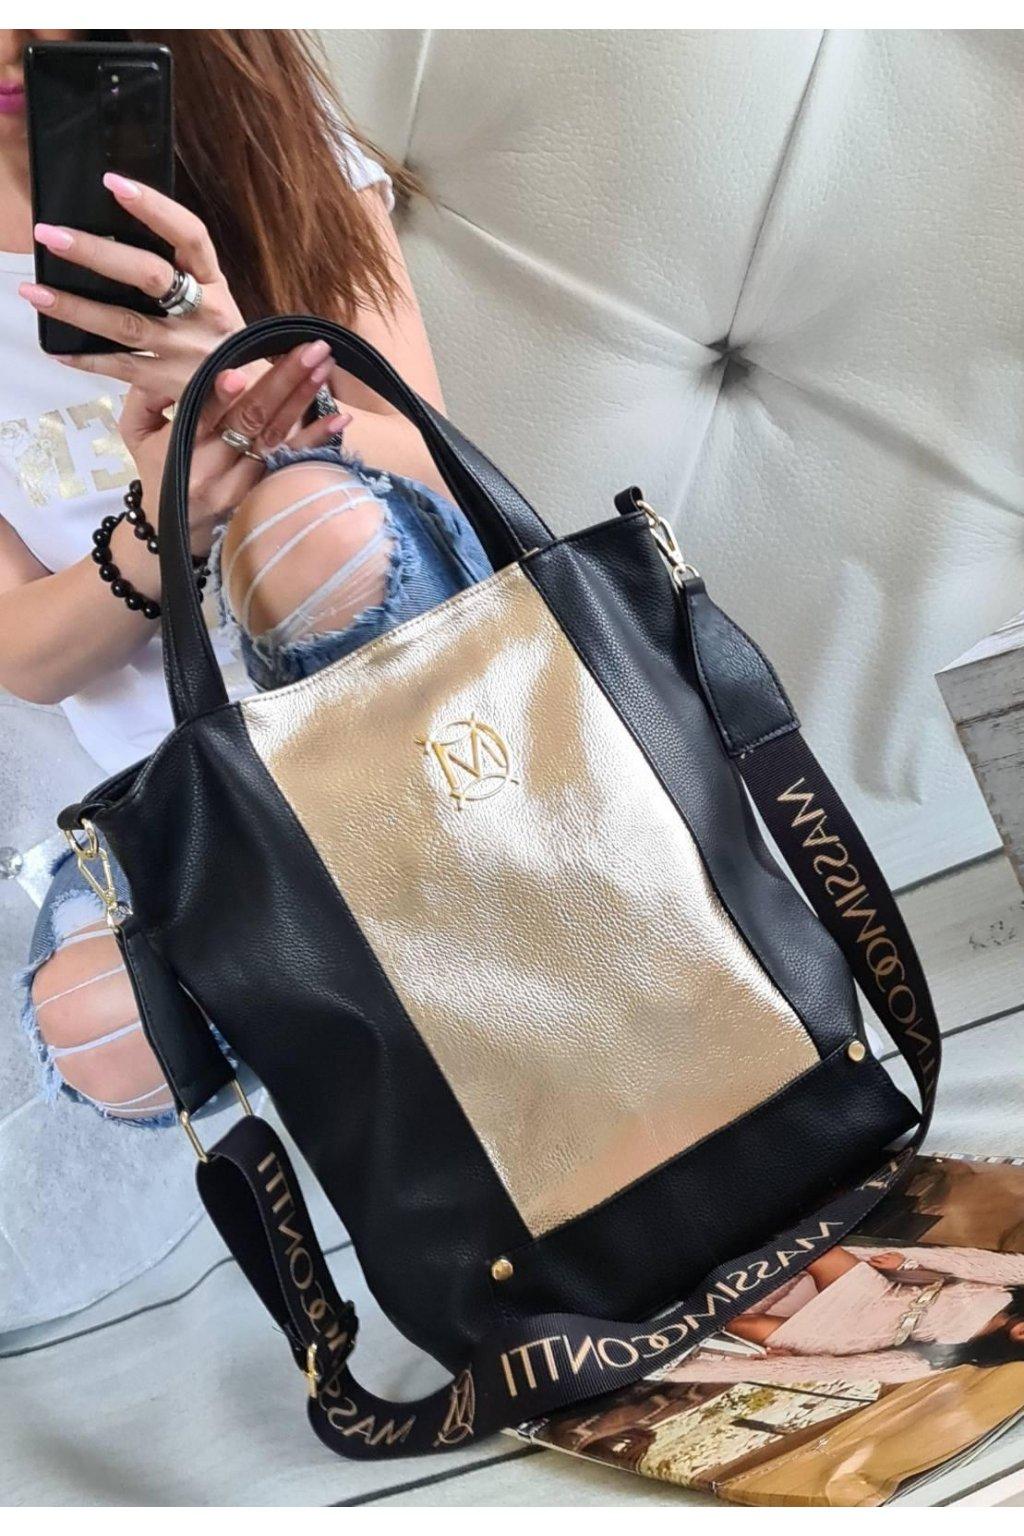 massimocontti ČERNÁ ZLATÁ A4 italy style fashion luxusní kabelka